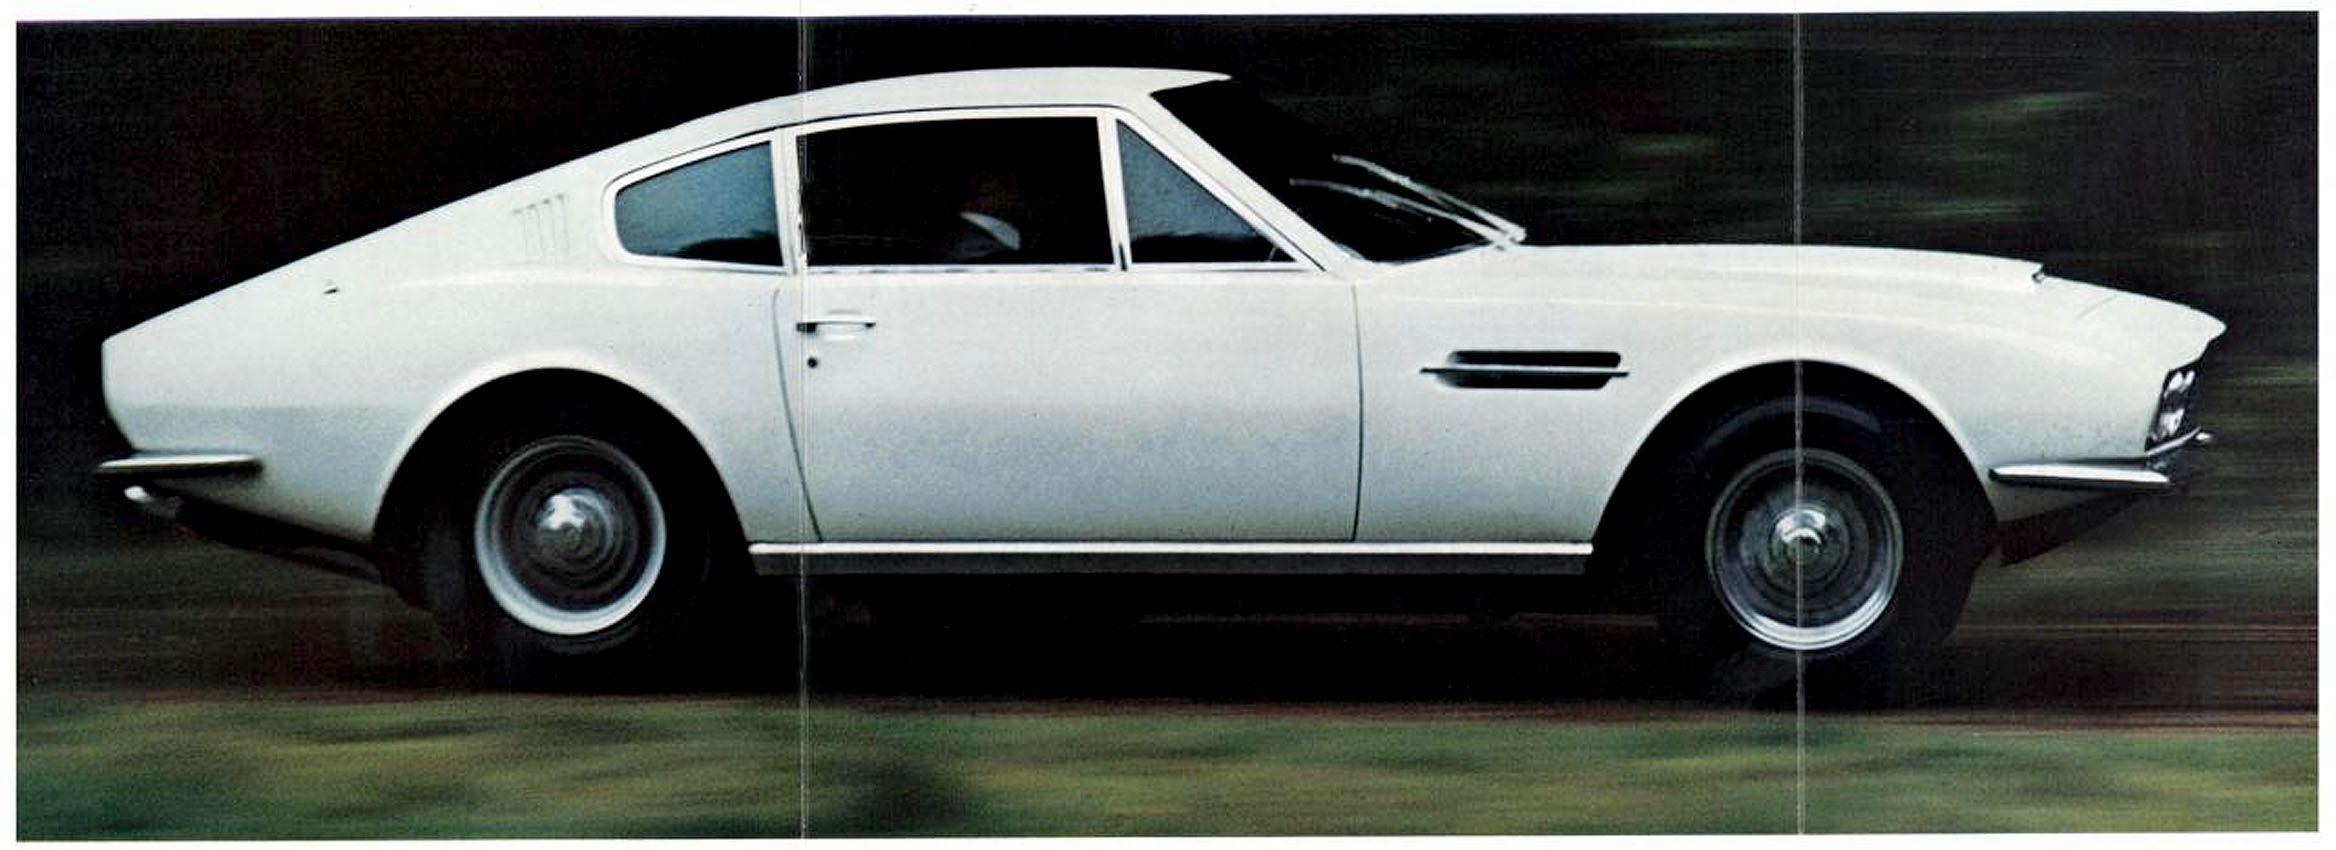 1969 Aston Martin DBS Classic Marques Aston Martin